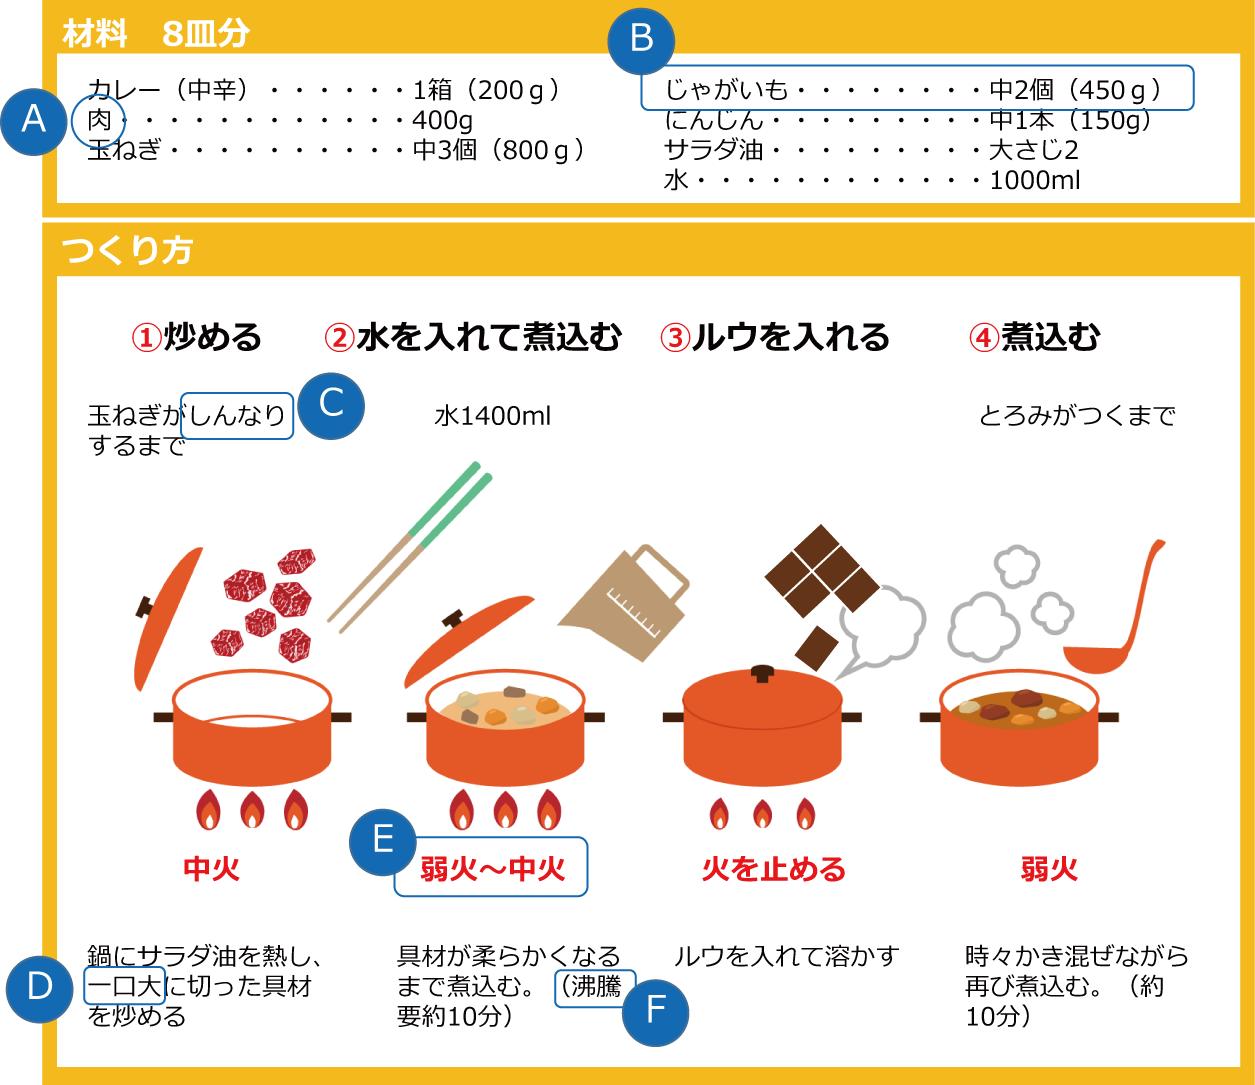 カレーの作り方